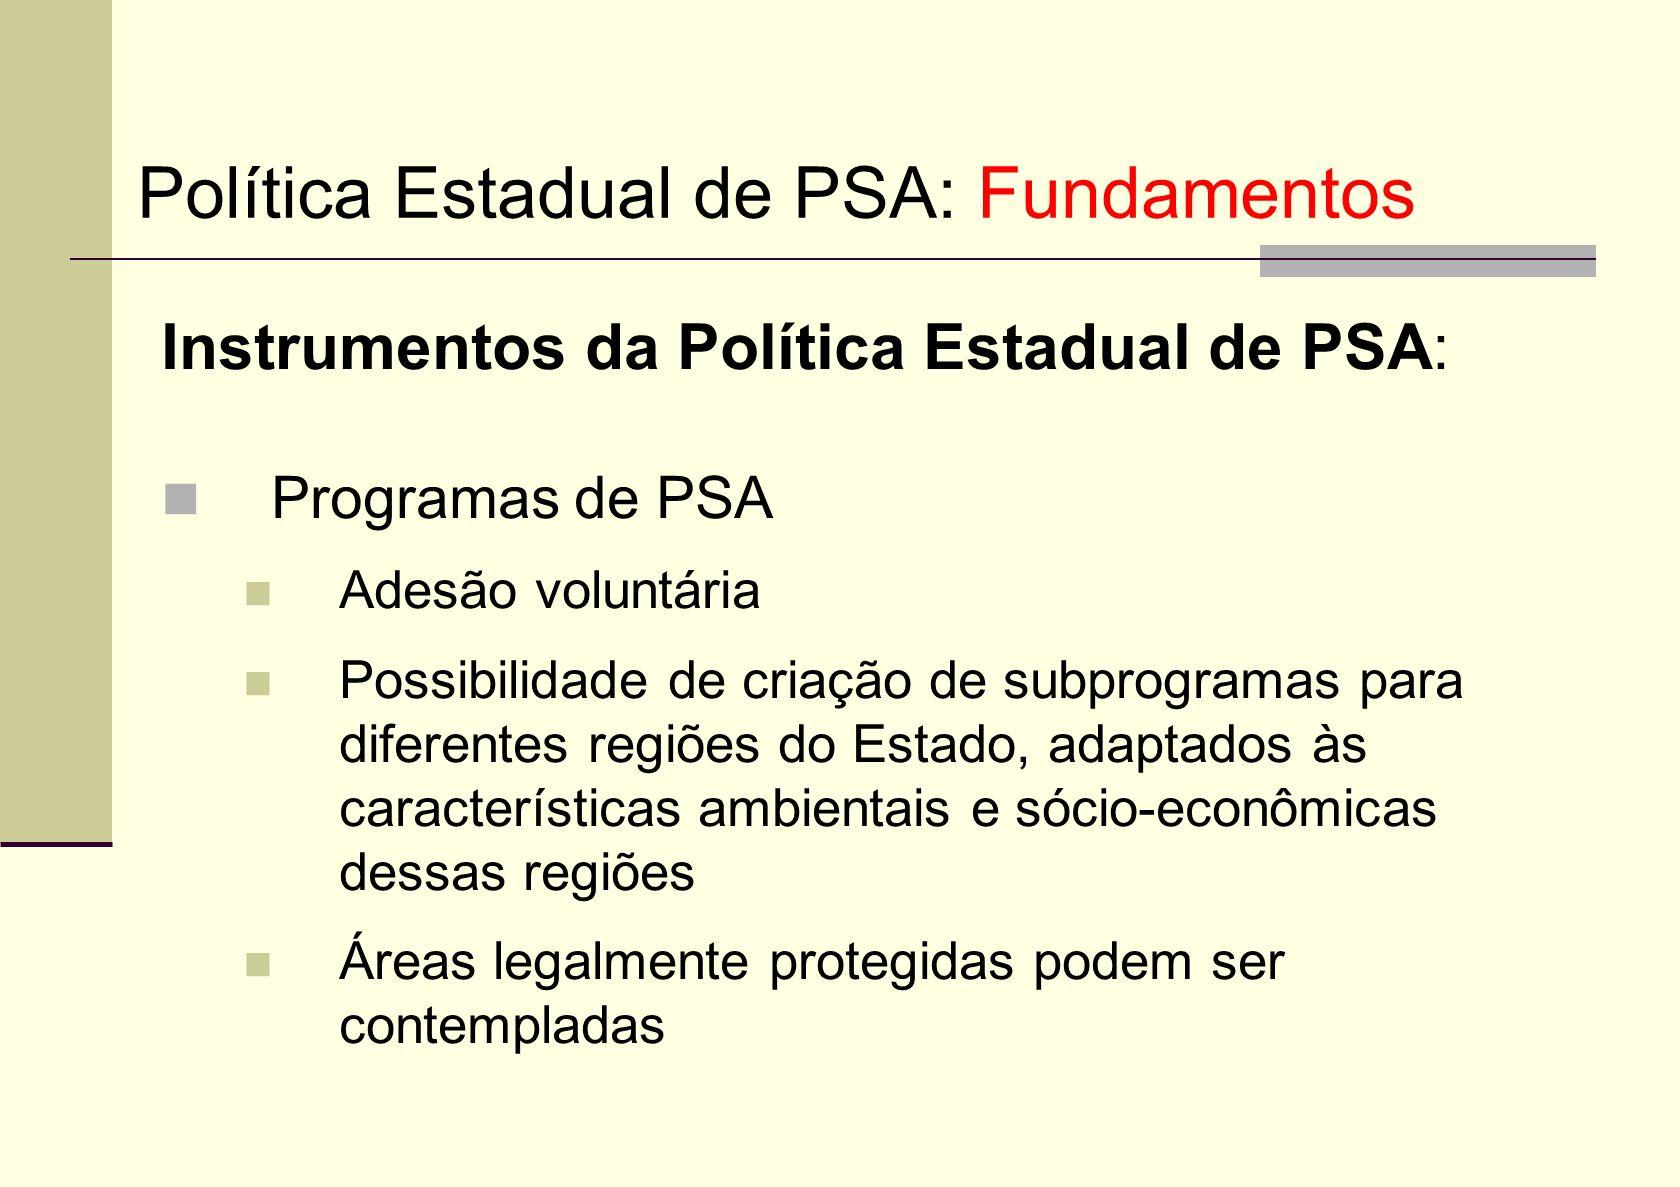 Instrumentos da Política Estadual de PSA: Programas de PSA Adesão voluntária Possibilidade de criação de subprogramas para diferentes regiões do Estad